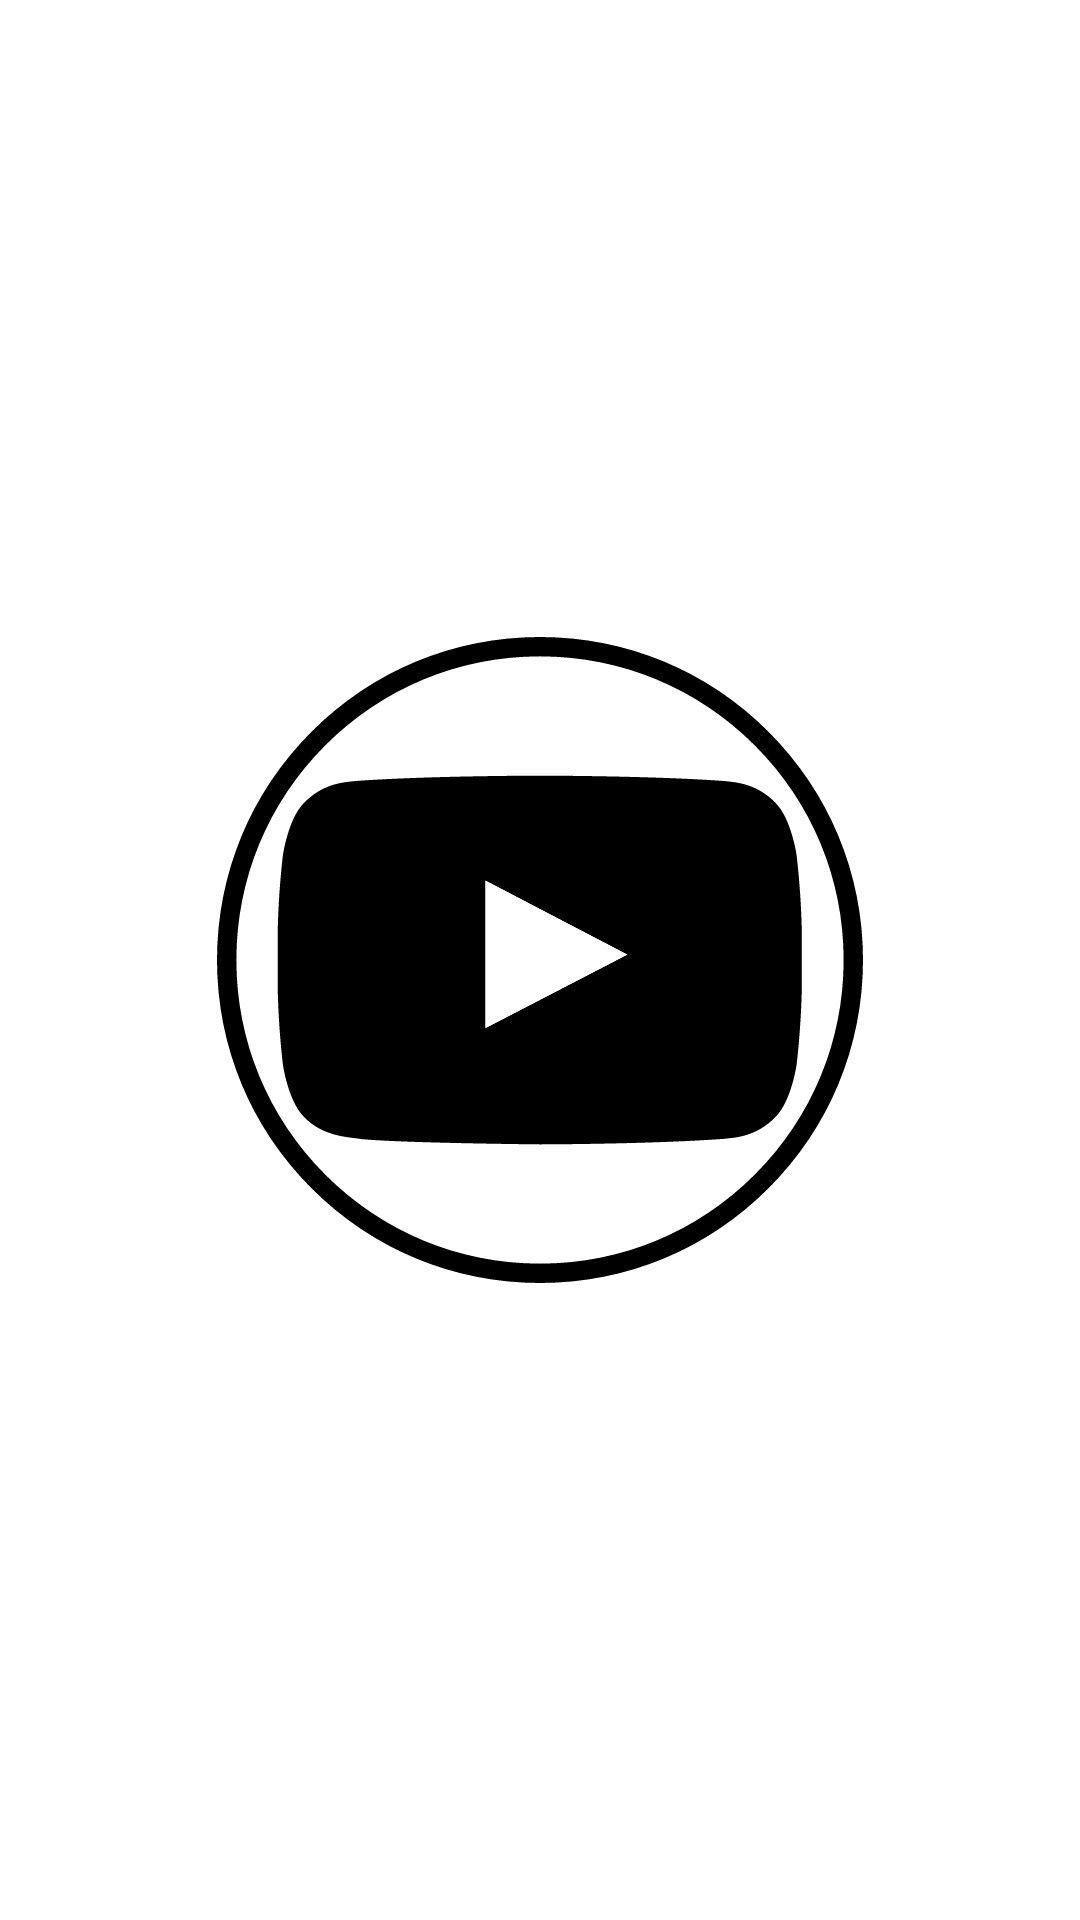 Instagram Logo White Background : instagram, white, background, Instagram, Story, Highlights, Black, White, Instagram,, Snapchat